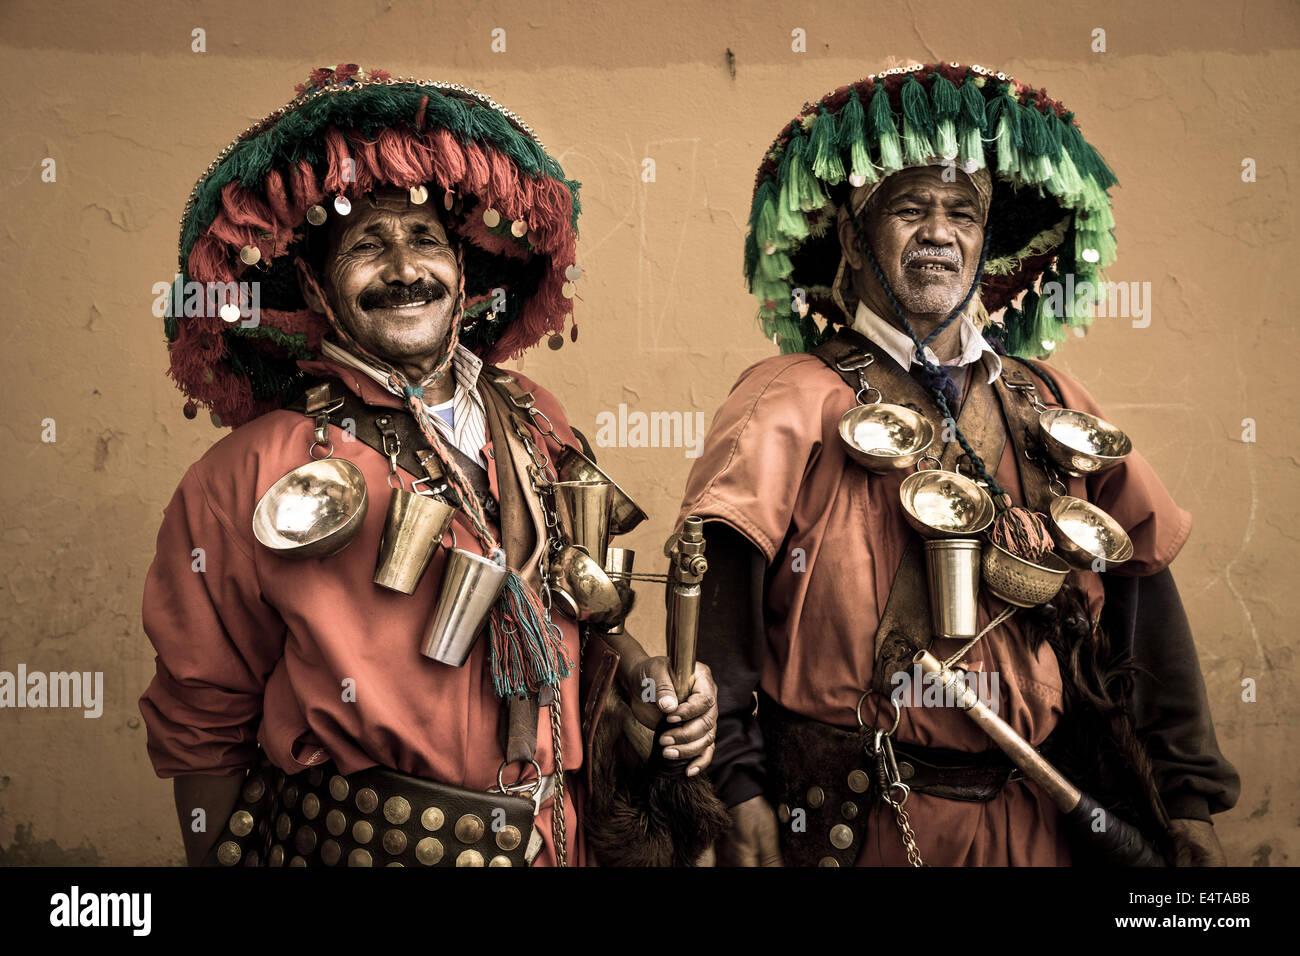 Deux vendeurs d'eau dans la ville marocaine de Marrakech Banque D'Images